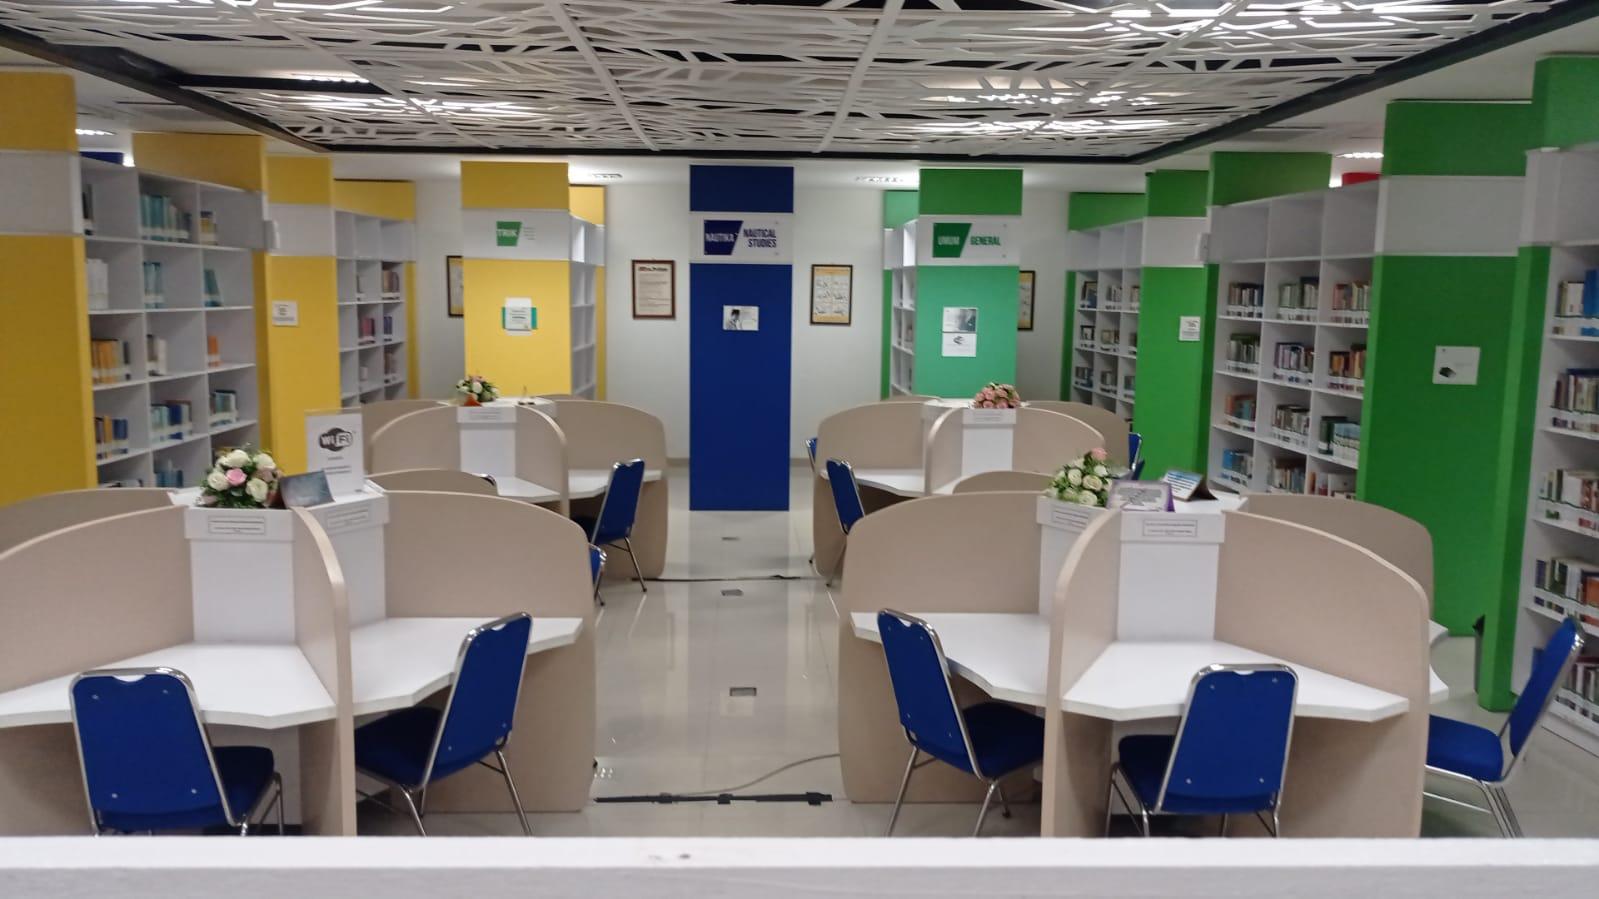 Semarak Menyambut Hari Kemerdekaan Republik Indonesia Ke-76  Perpustakaan PIP Semarang Membagikan Suvenir Bagi Peminjam Buku Terbanyak